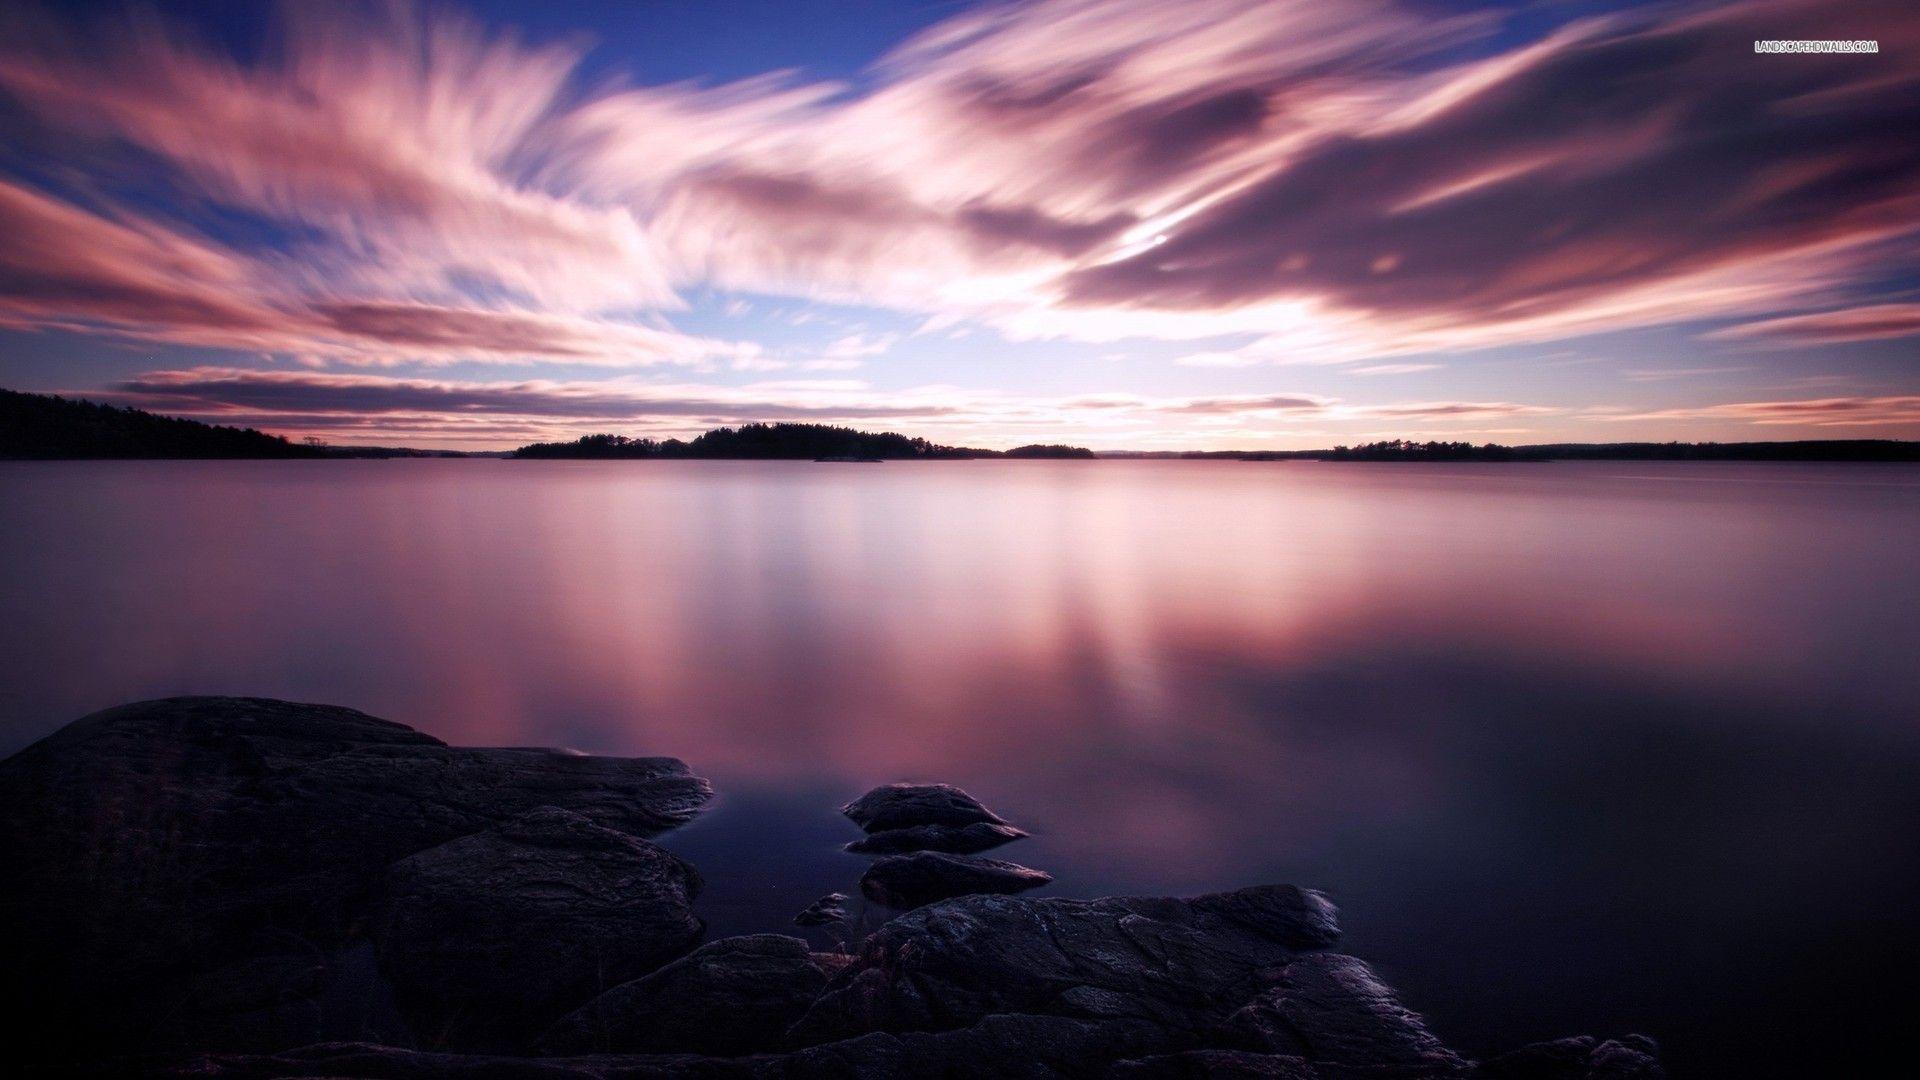 Calm Lake Calm Lake At Night Wallpaper Sunset Wallpaper Ipad Air Wallpaper Sunset